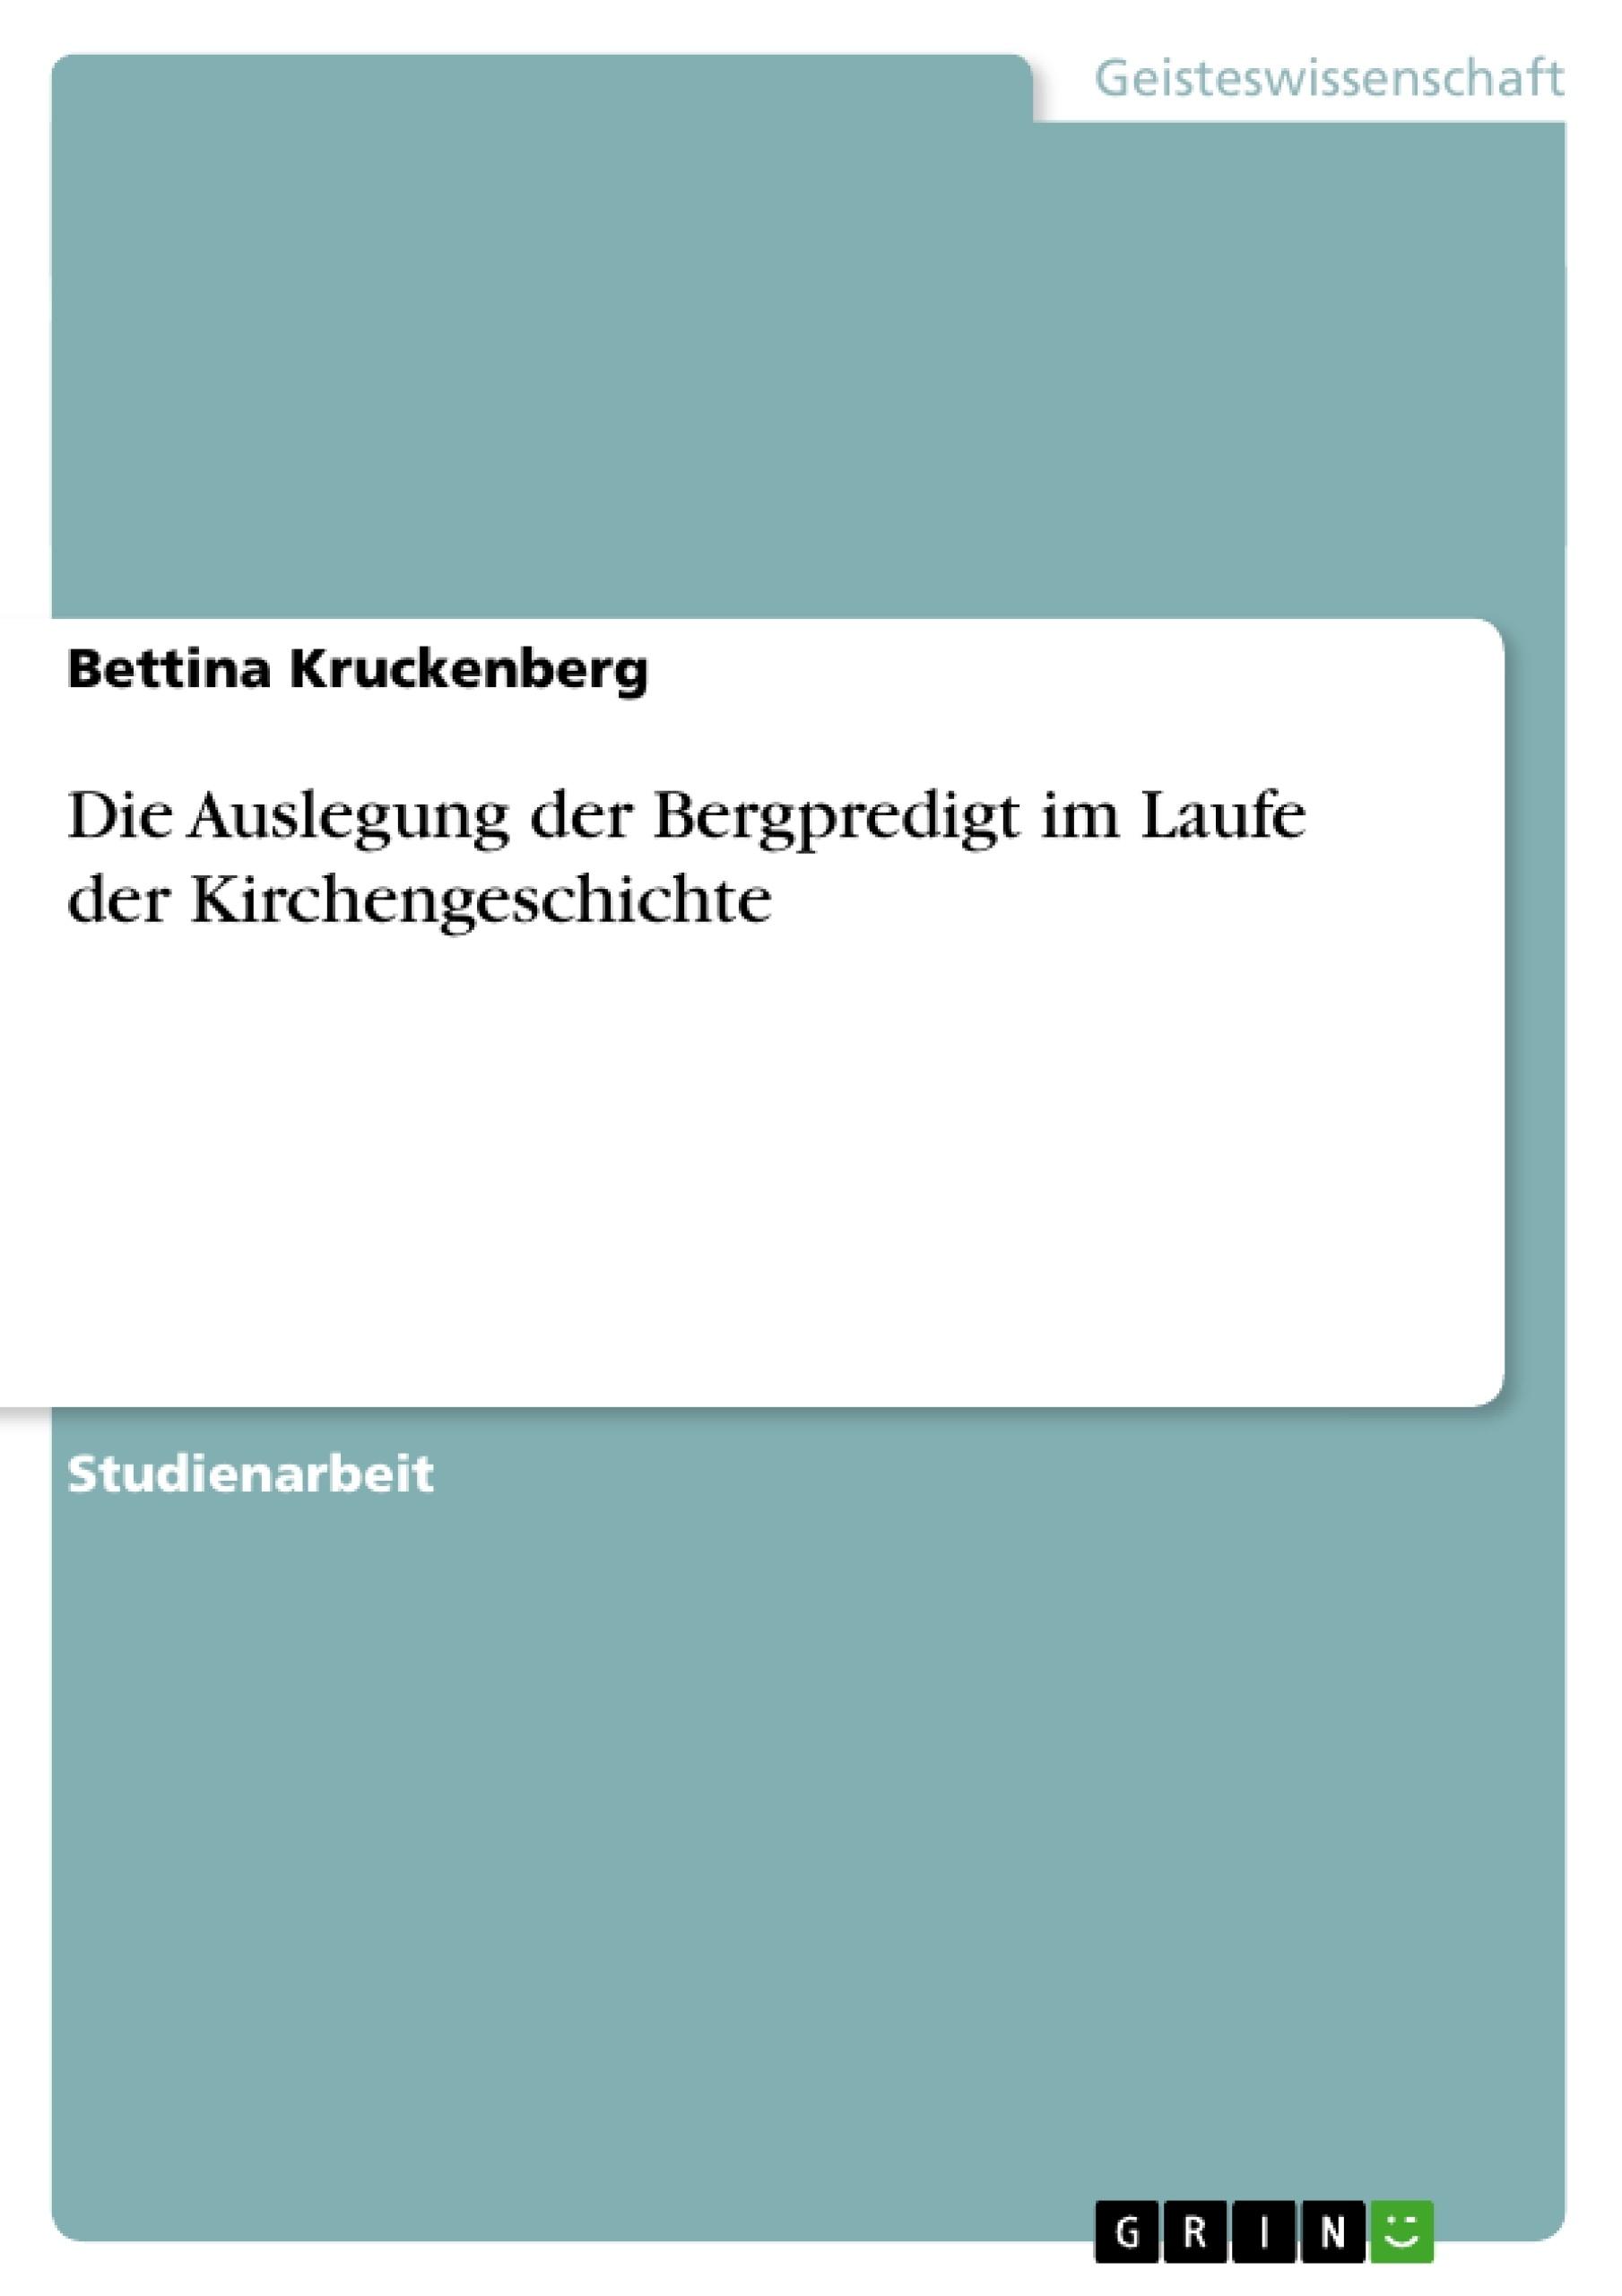 Titel: Die Auslegung der Bergpredigt im Laufe der Kirchengeschichte